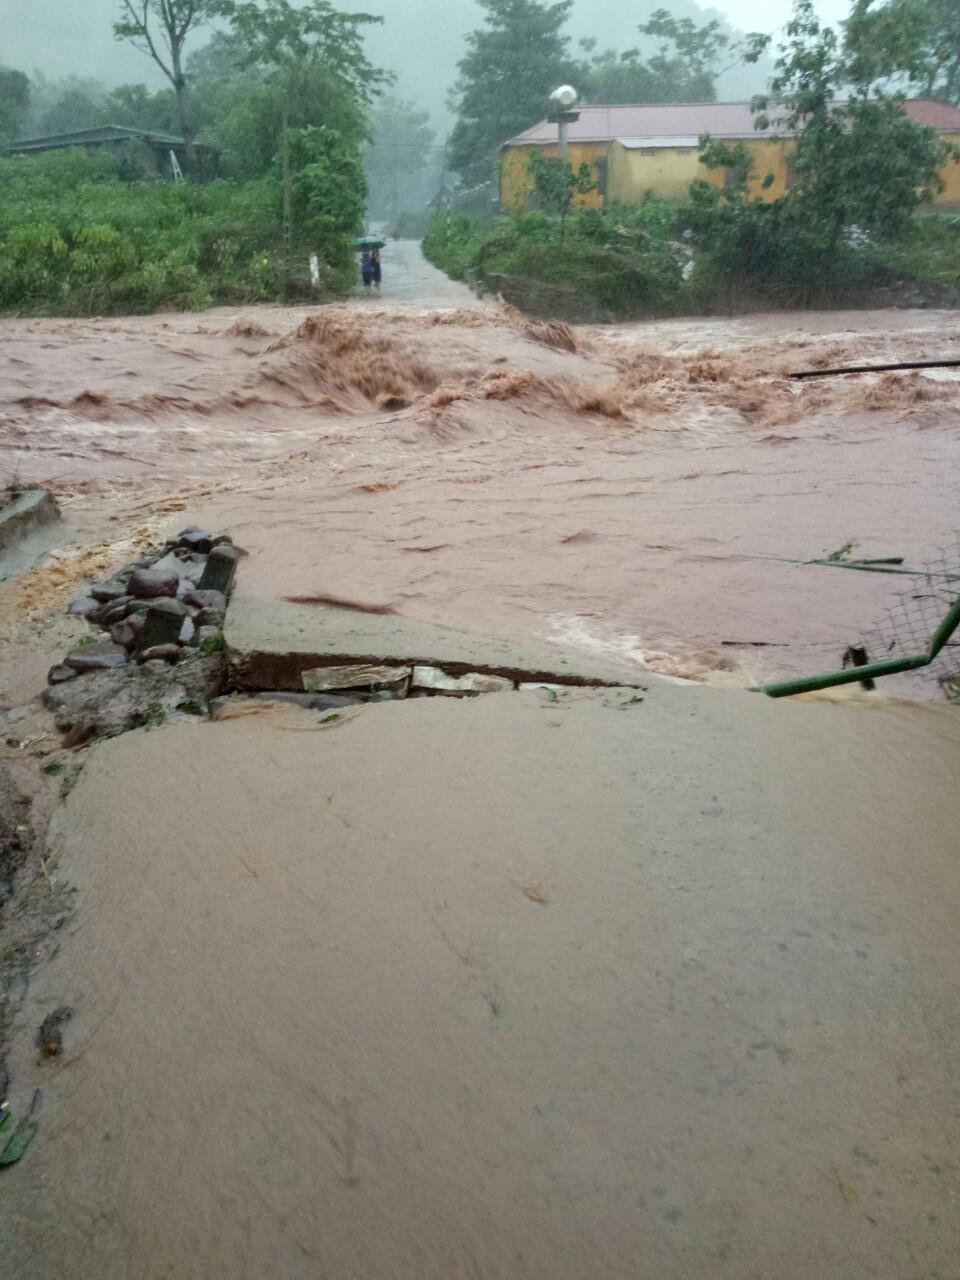 Hiện nước lũ tại Quảng Trị đang lên trở lại chia cắt các tuyến đường lên huyện Đakrông